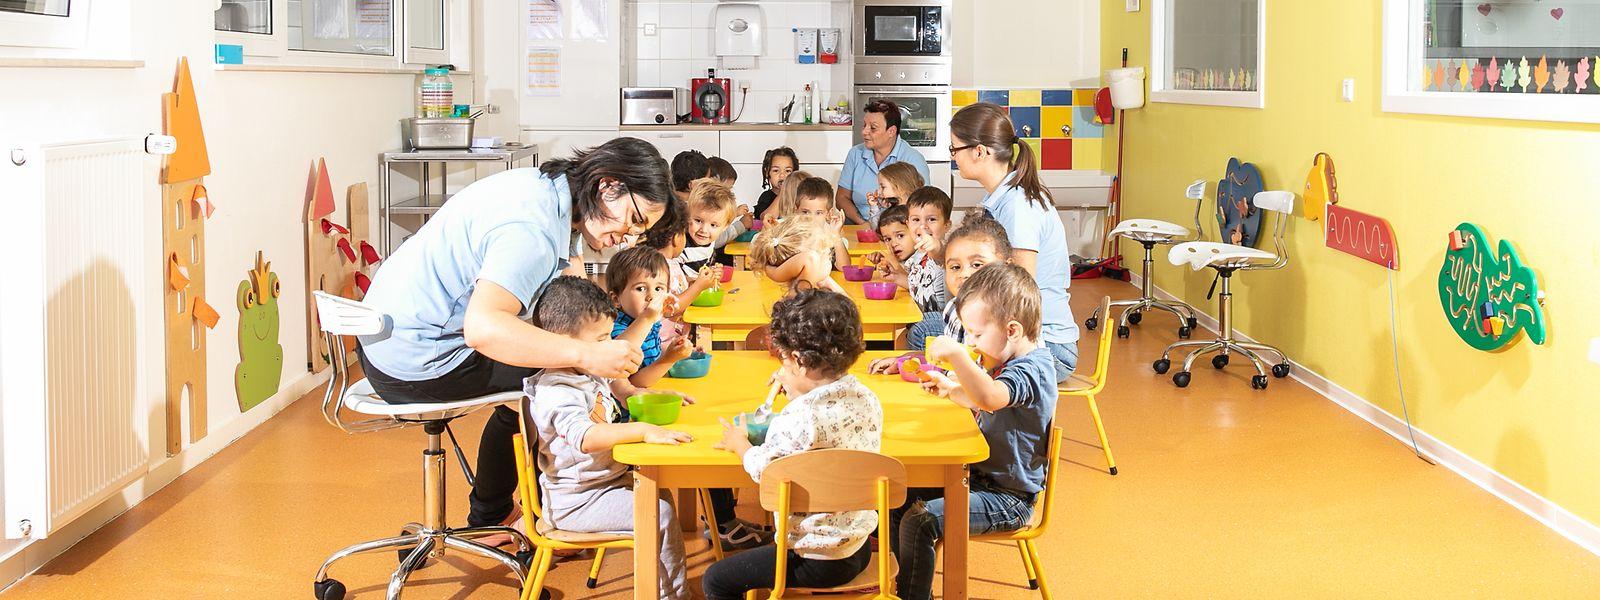 La crèche «La colline aux enfants» à Rodange a vu arriver un afflux de bambins en provenance de Belgique.